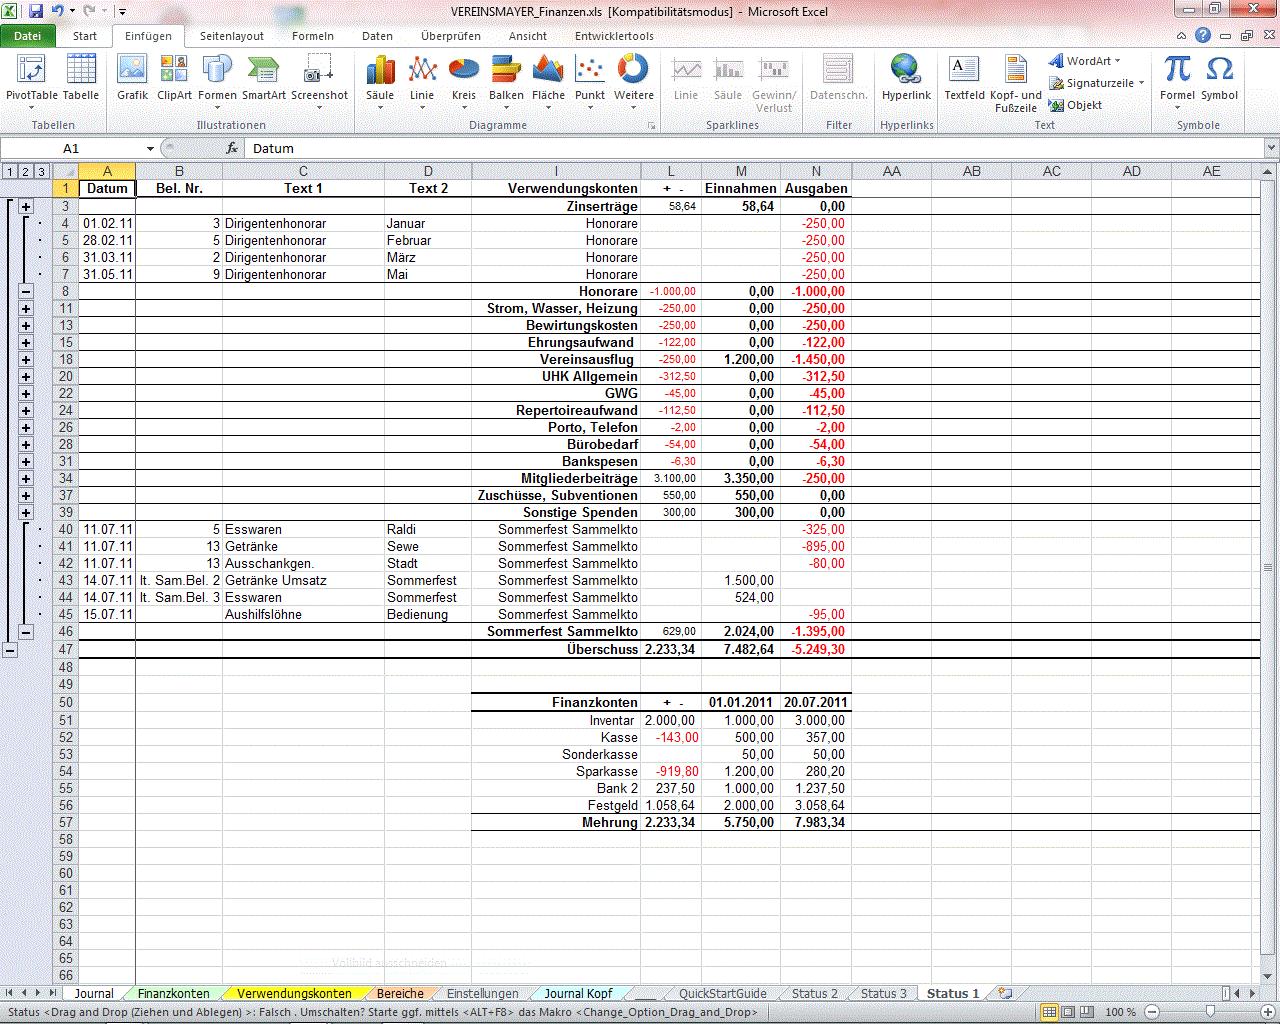 Ziemlich Monatliche Ausgaben Vorlage Excel Galerie - Entry Level ...